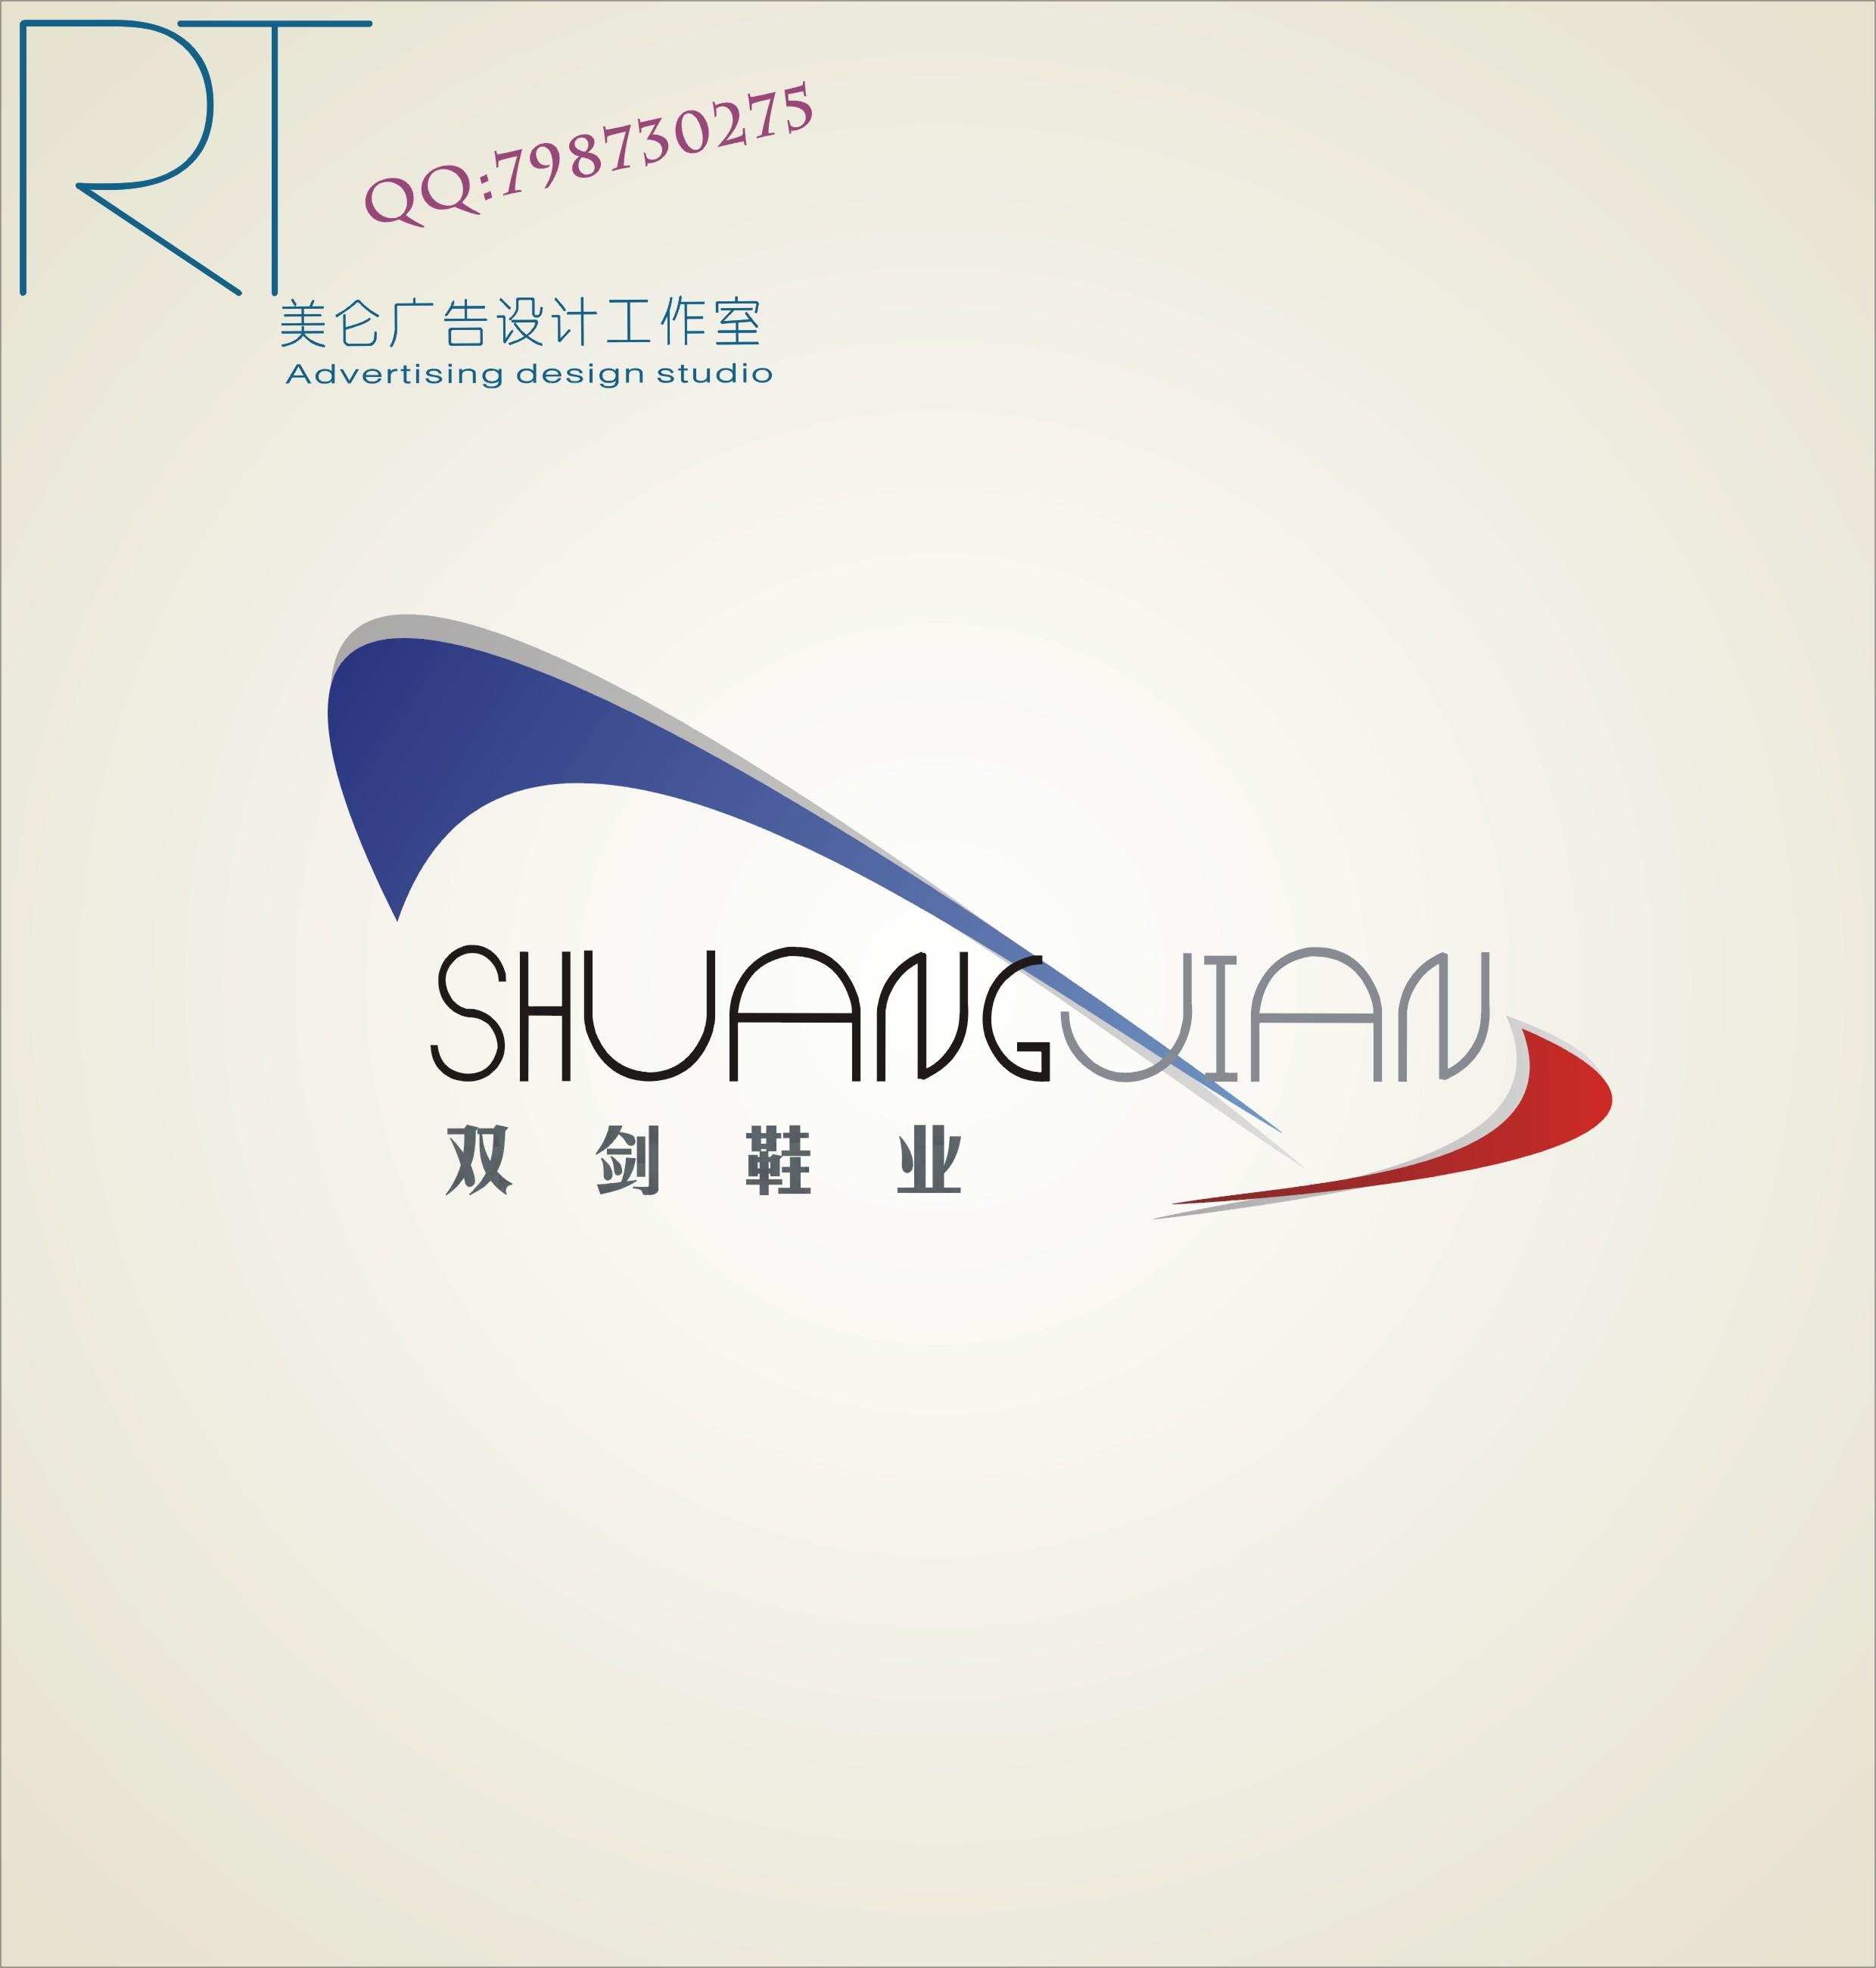 剑鞋业品牌logo及名片设计